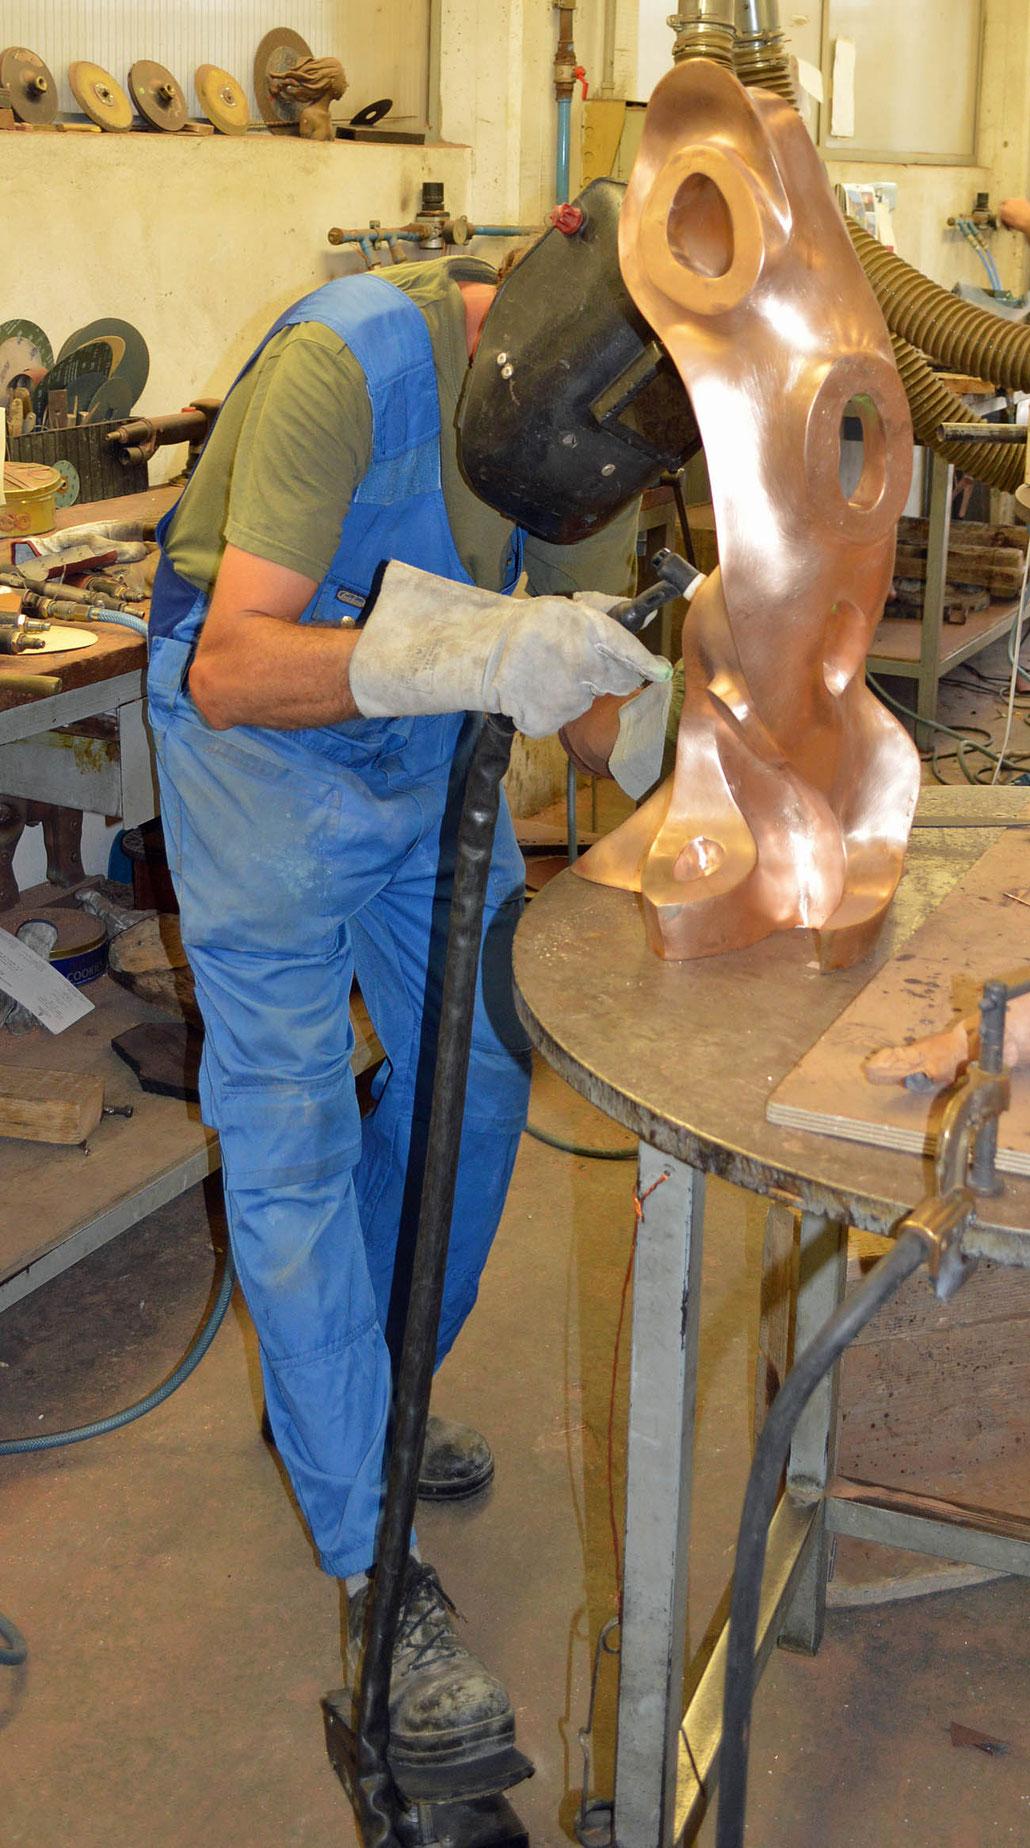 HEX welding FRUIT OF ENLIGHTENMENT